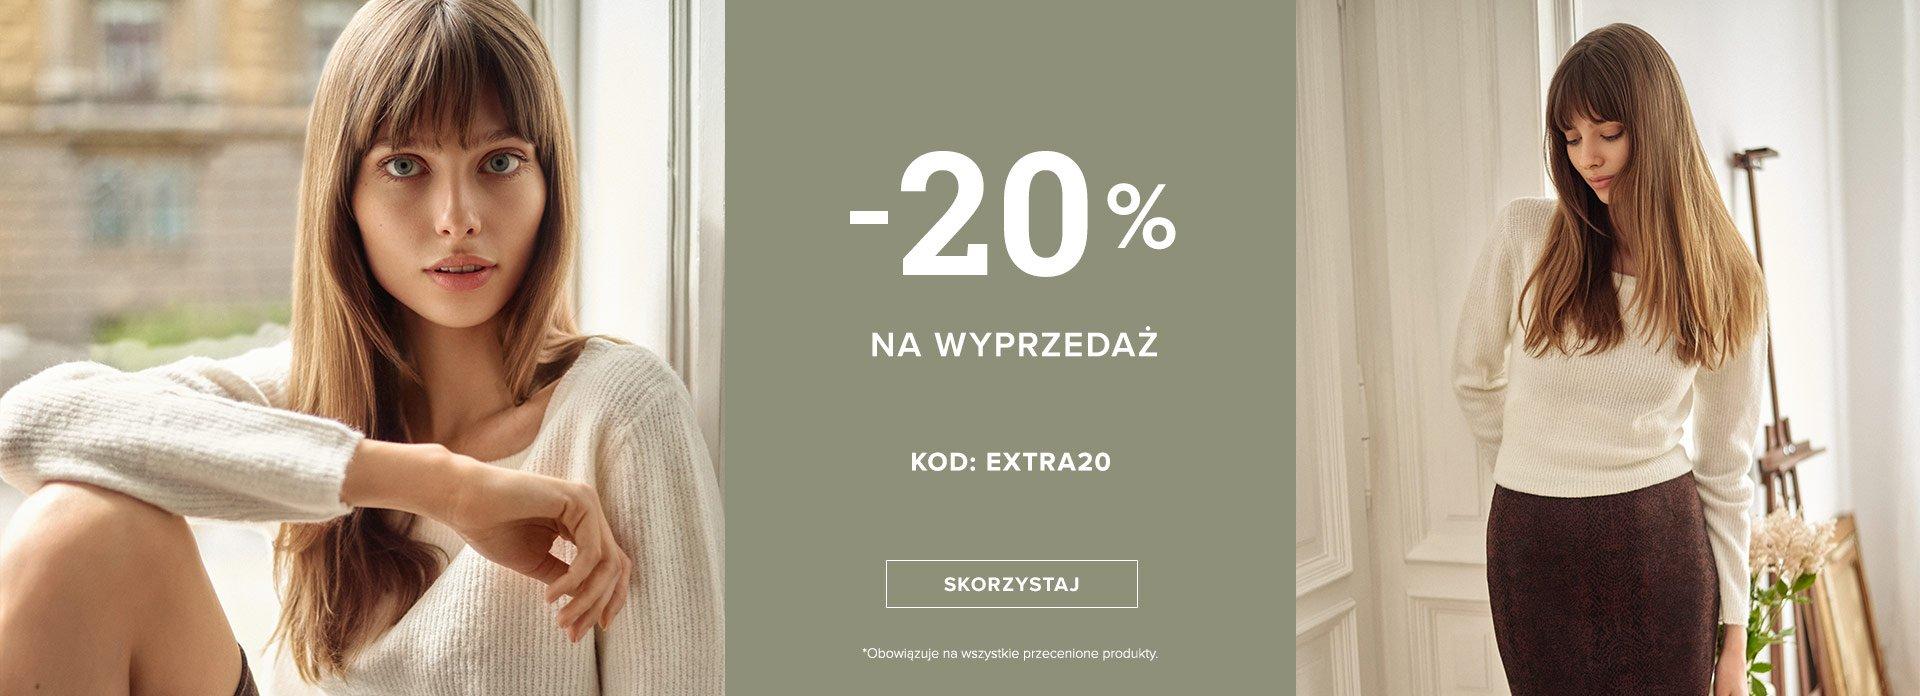 Greenpoint: dodatkowe 20% rabatu na odzież damską z wyprzedaży